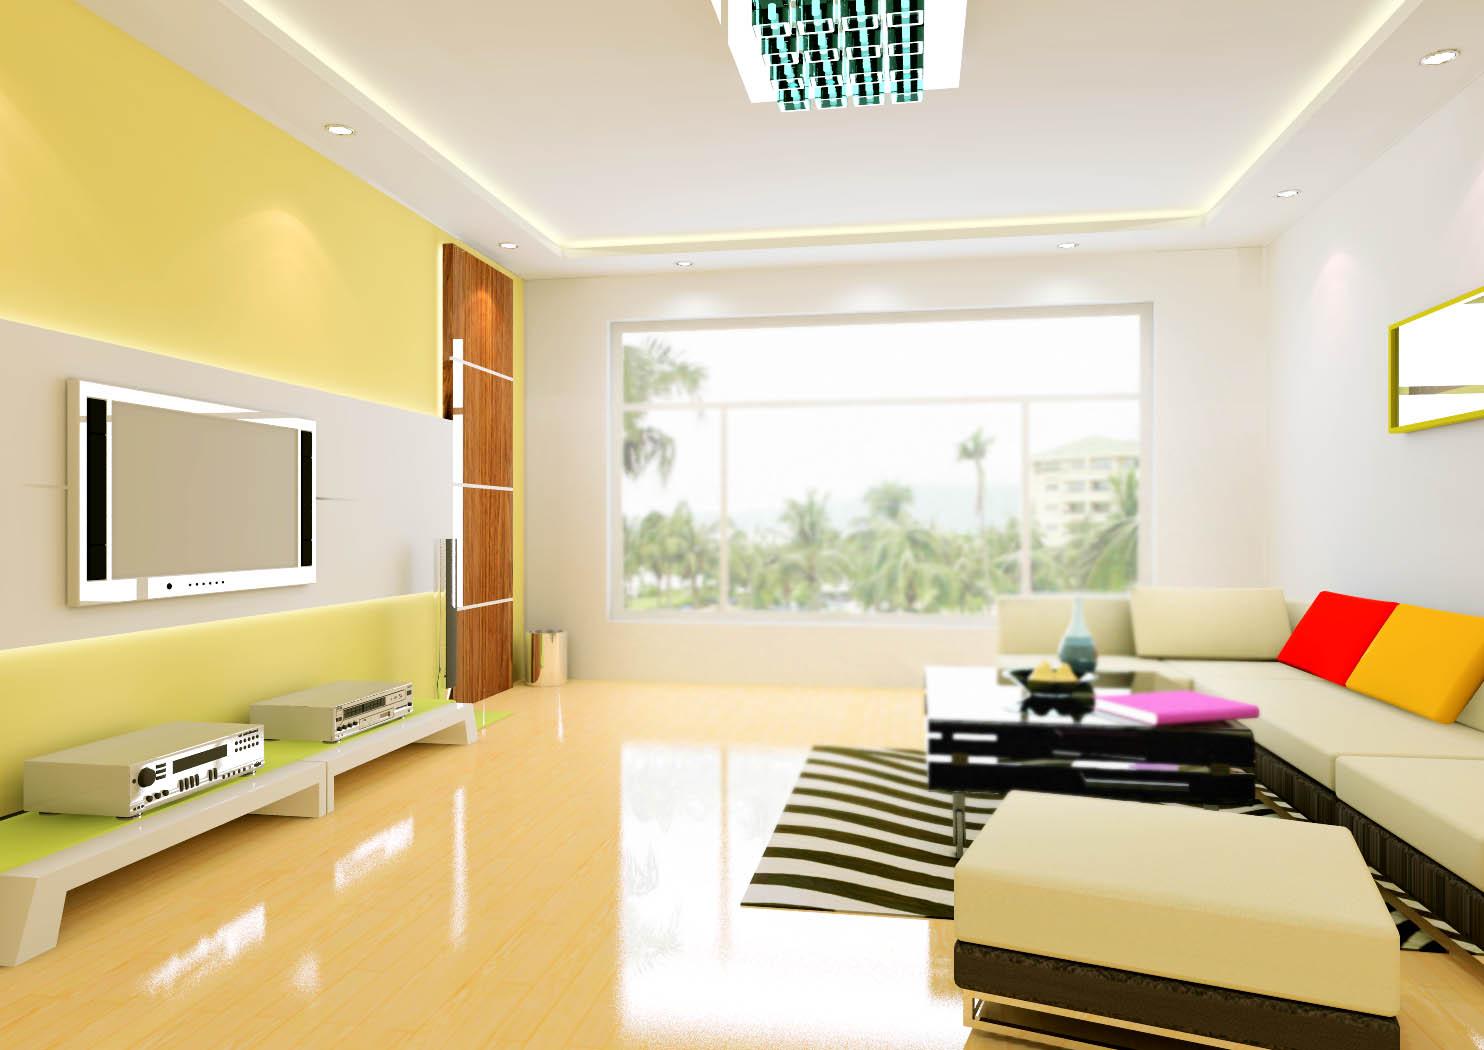 客廳裝修的流程及注意事項